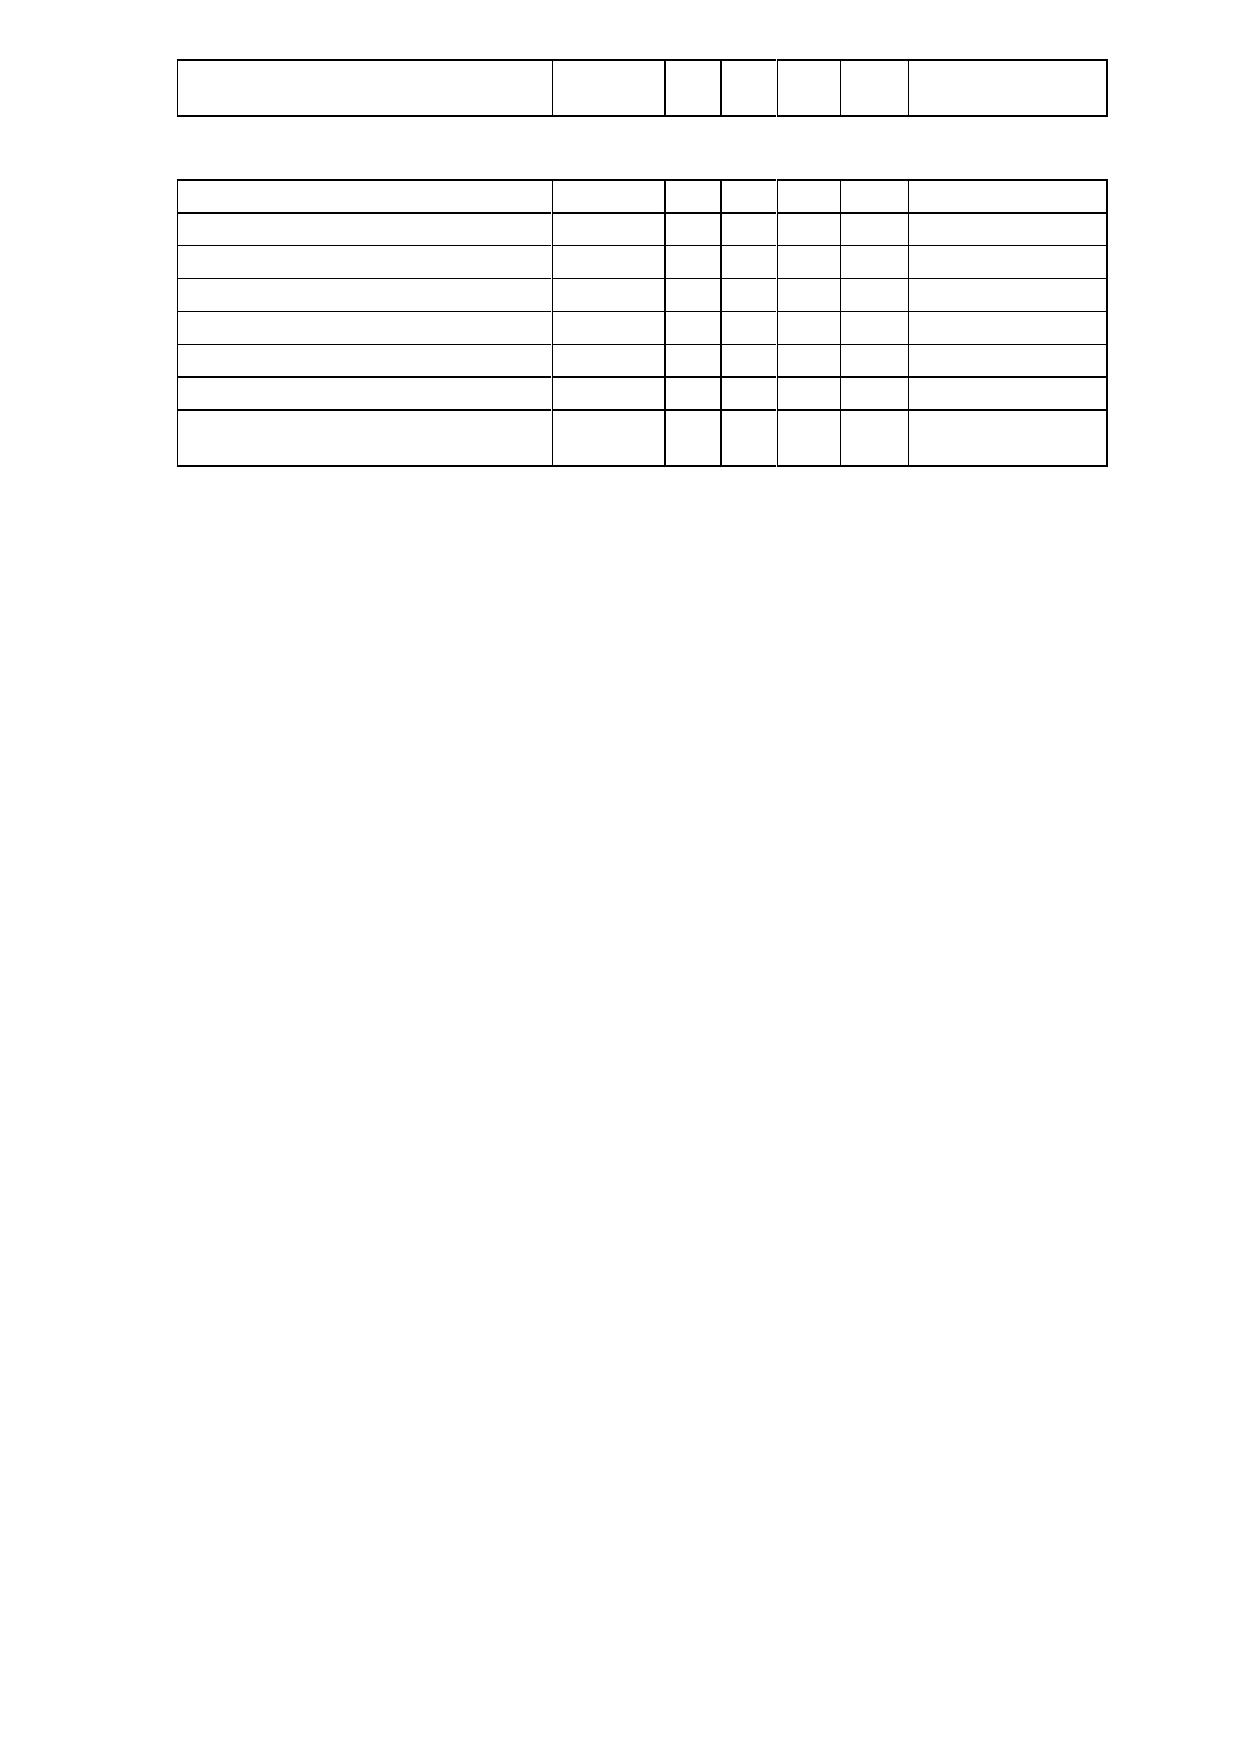 WCN3-0050SR-A11 pdf